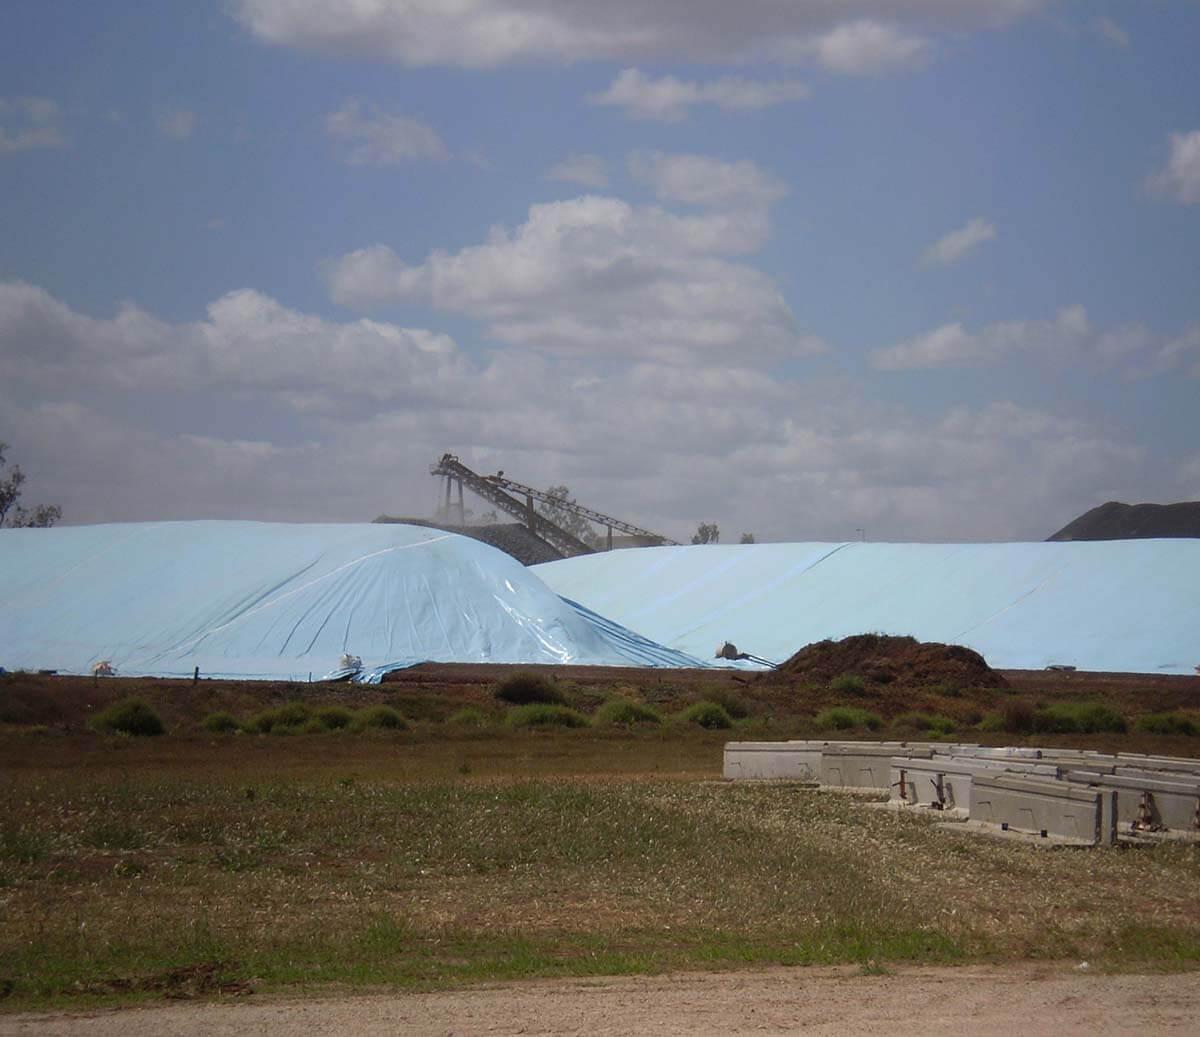 Flat Tarp Grain Bunker Cover